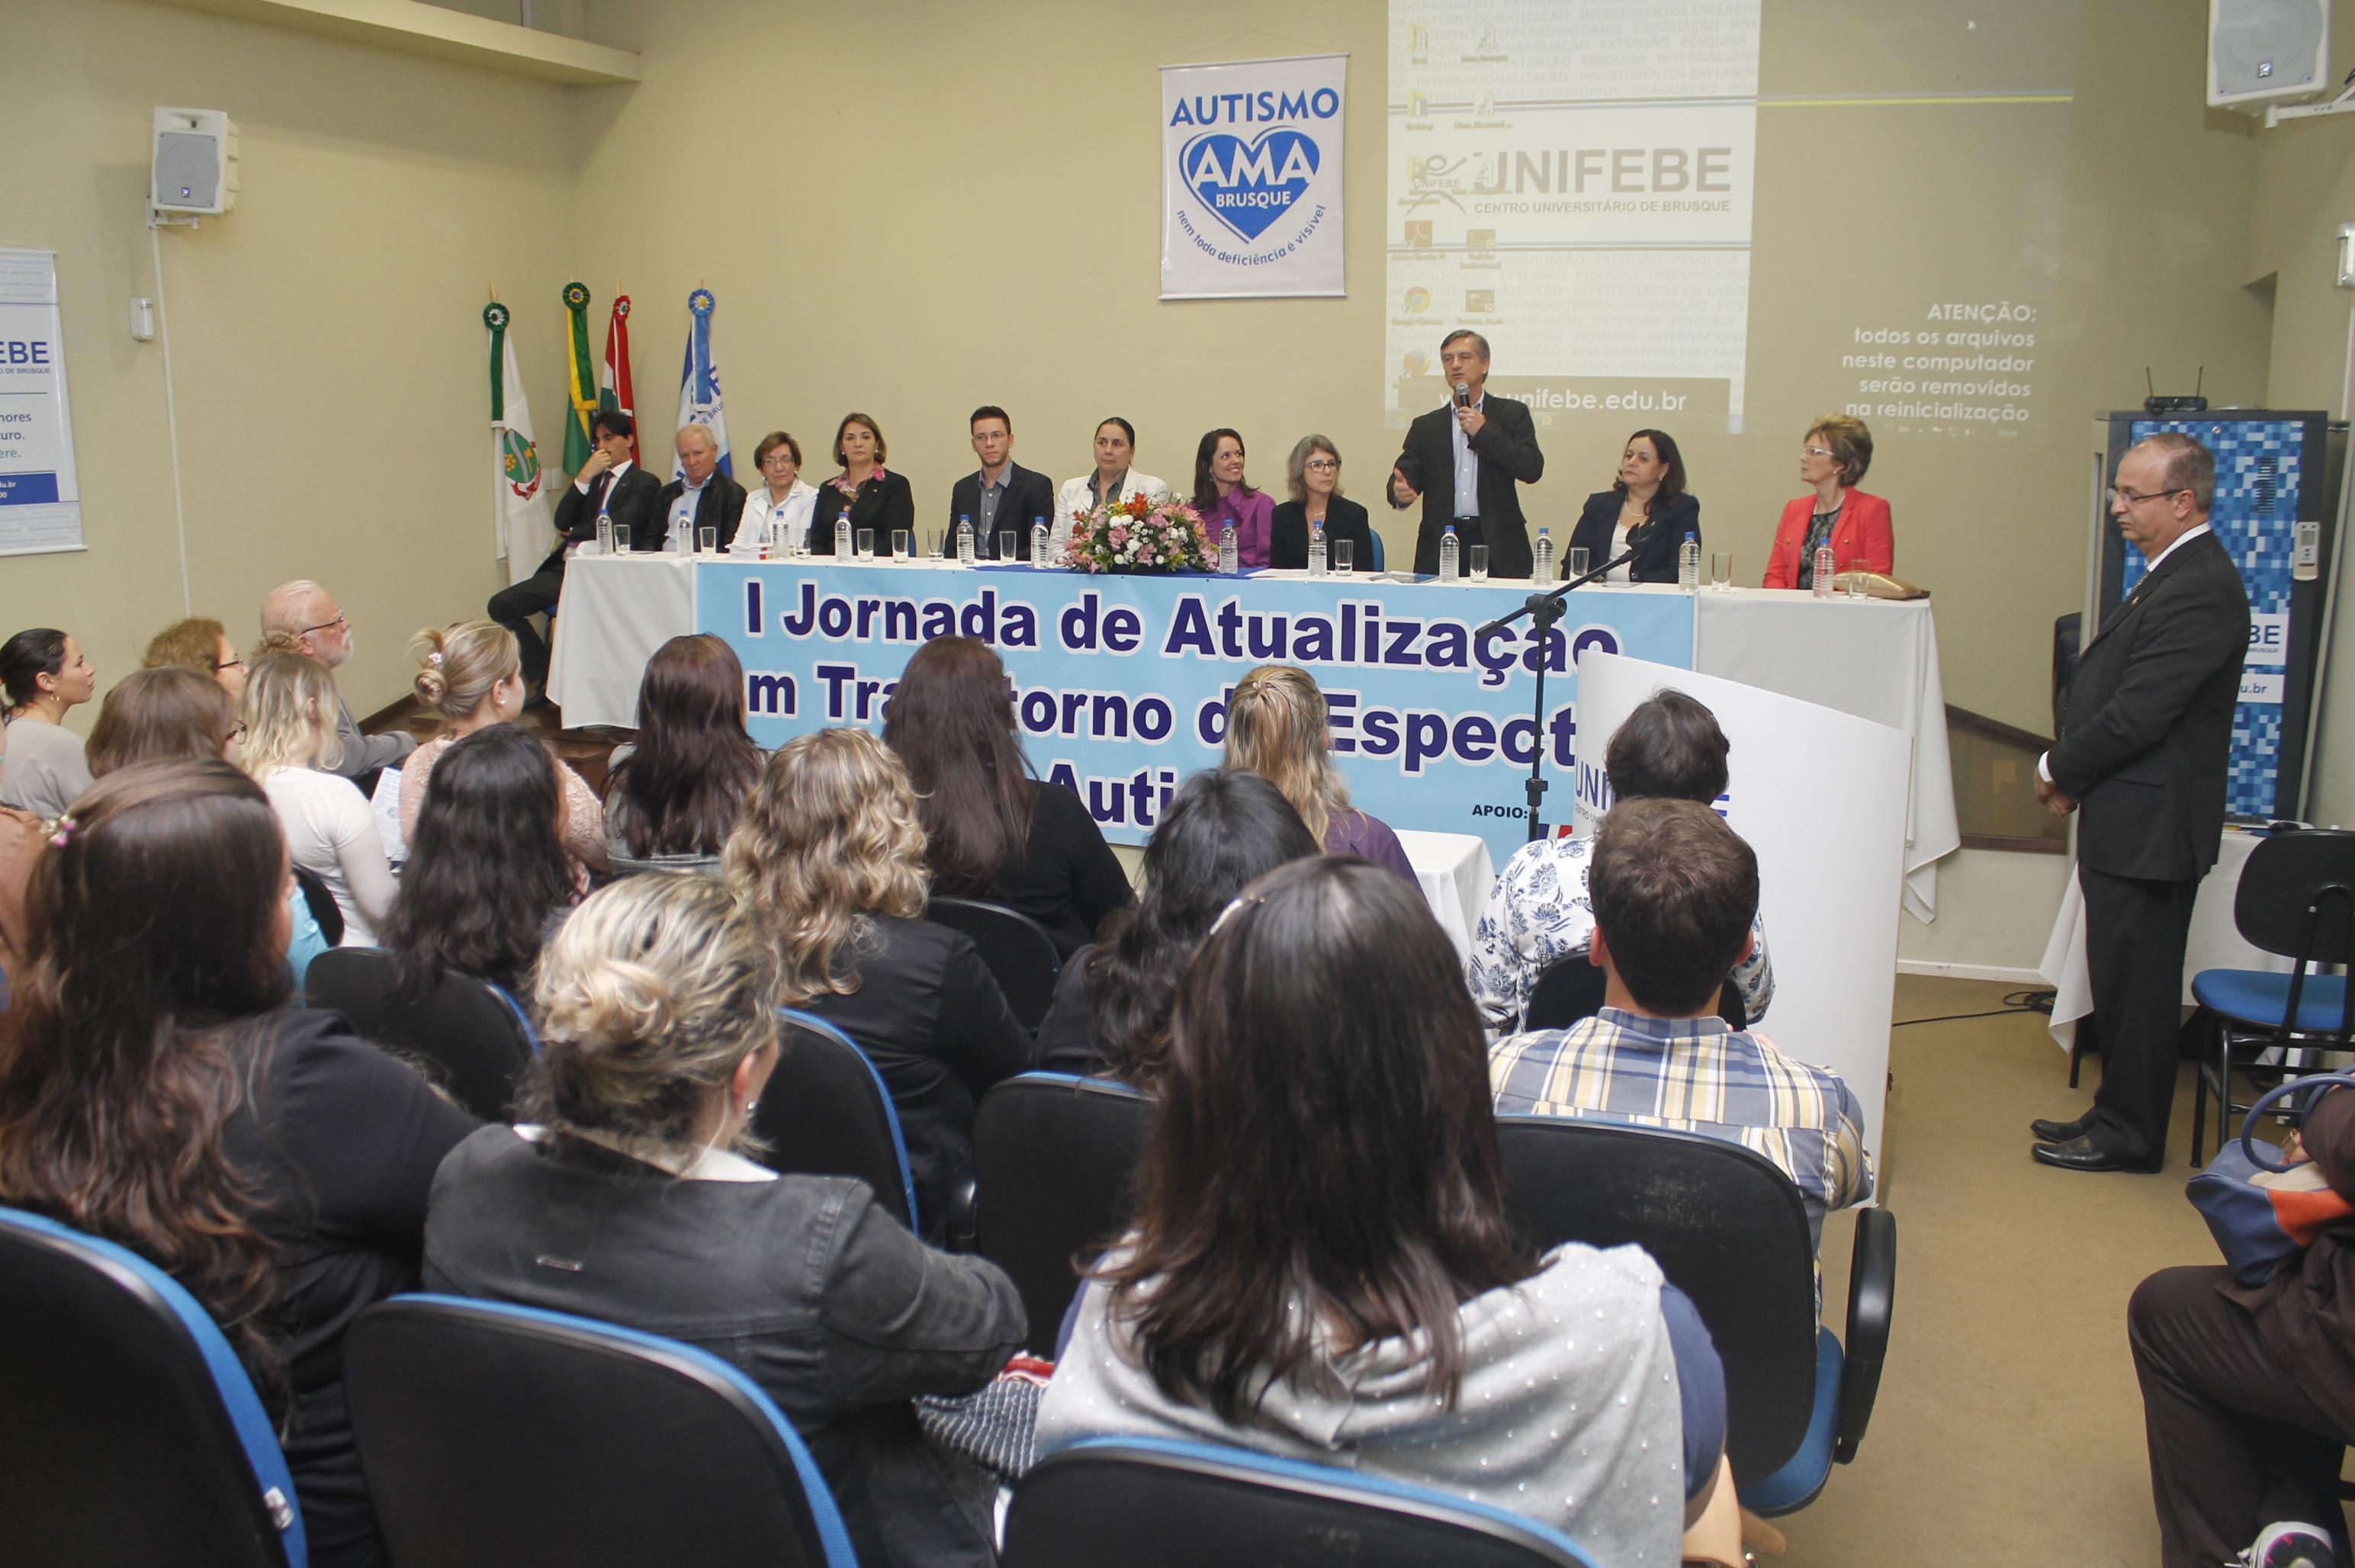 I Jornada de Atualização em Transtorno do Espectro do Autismo lota auditório da UNIFEBE